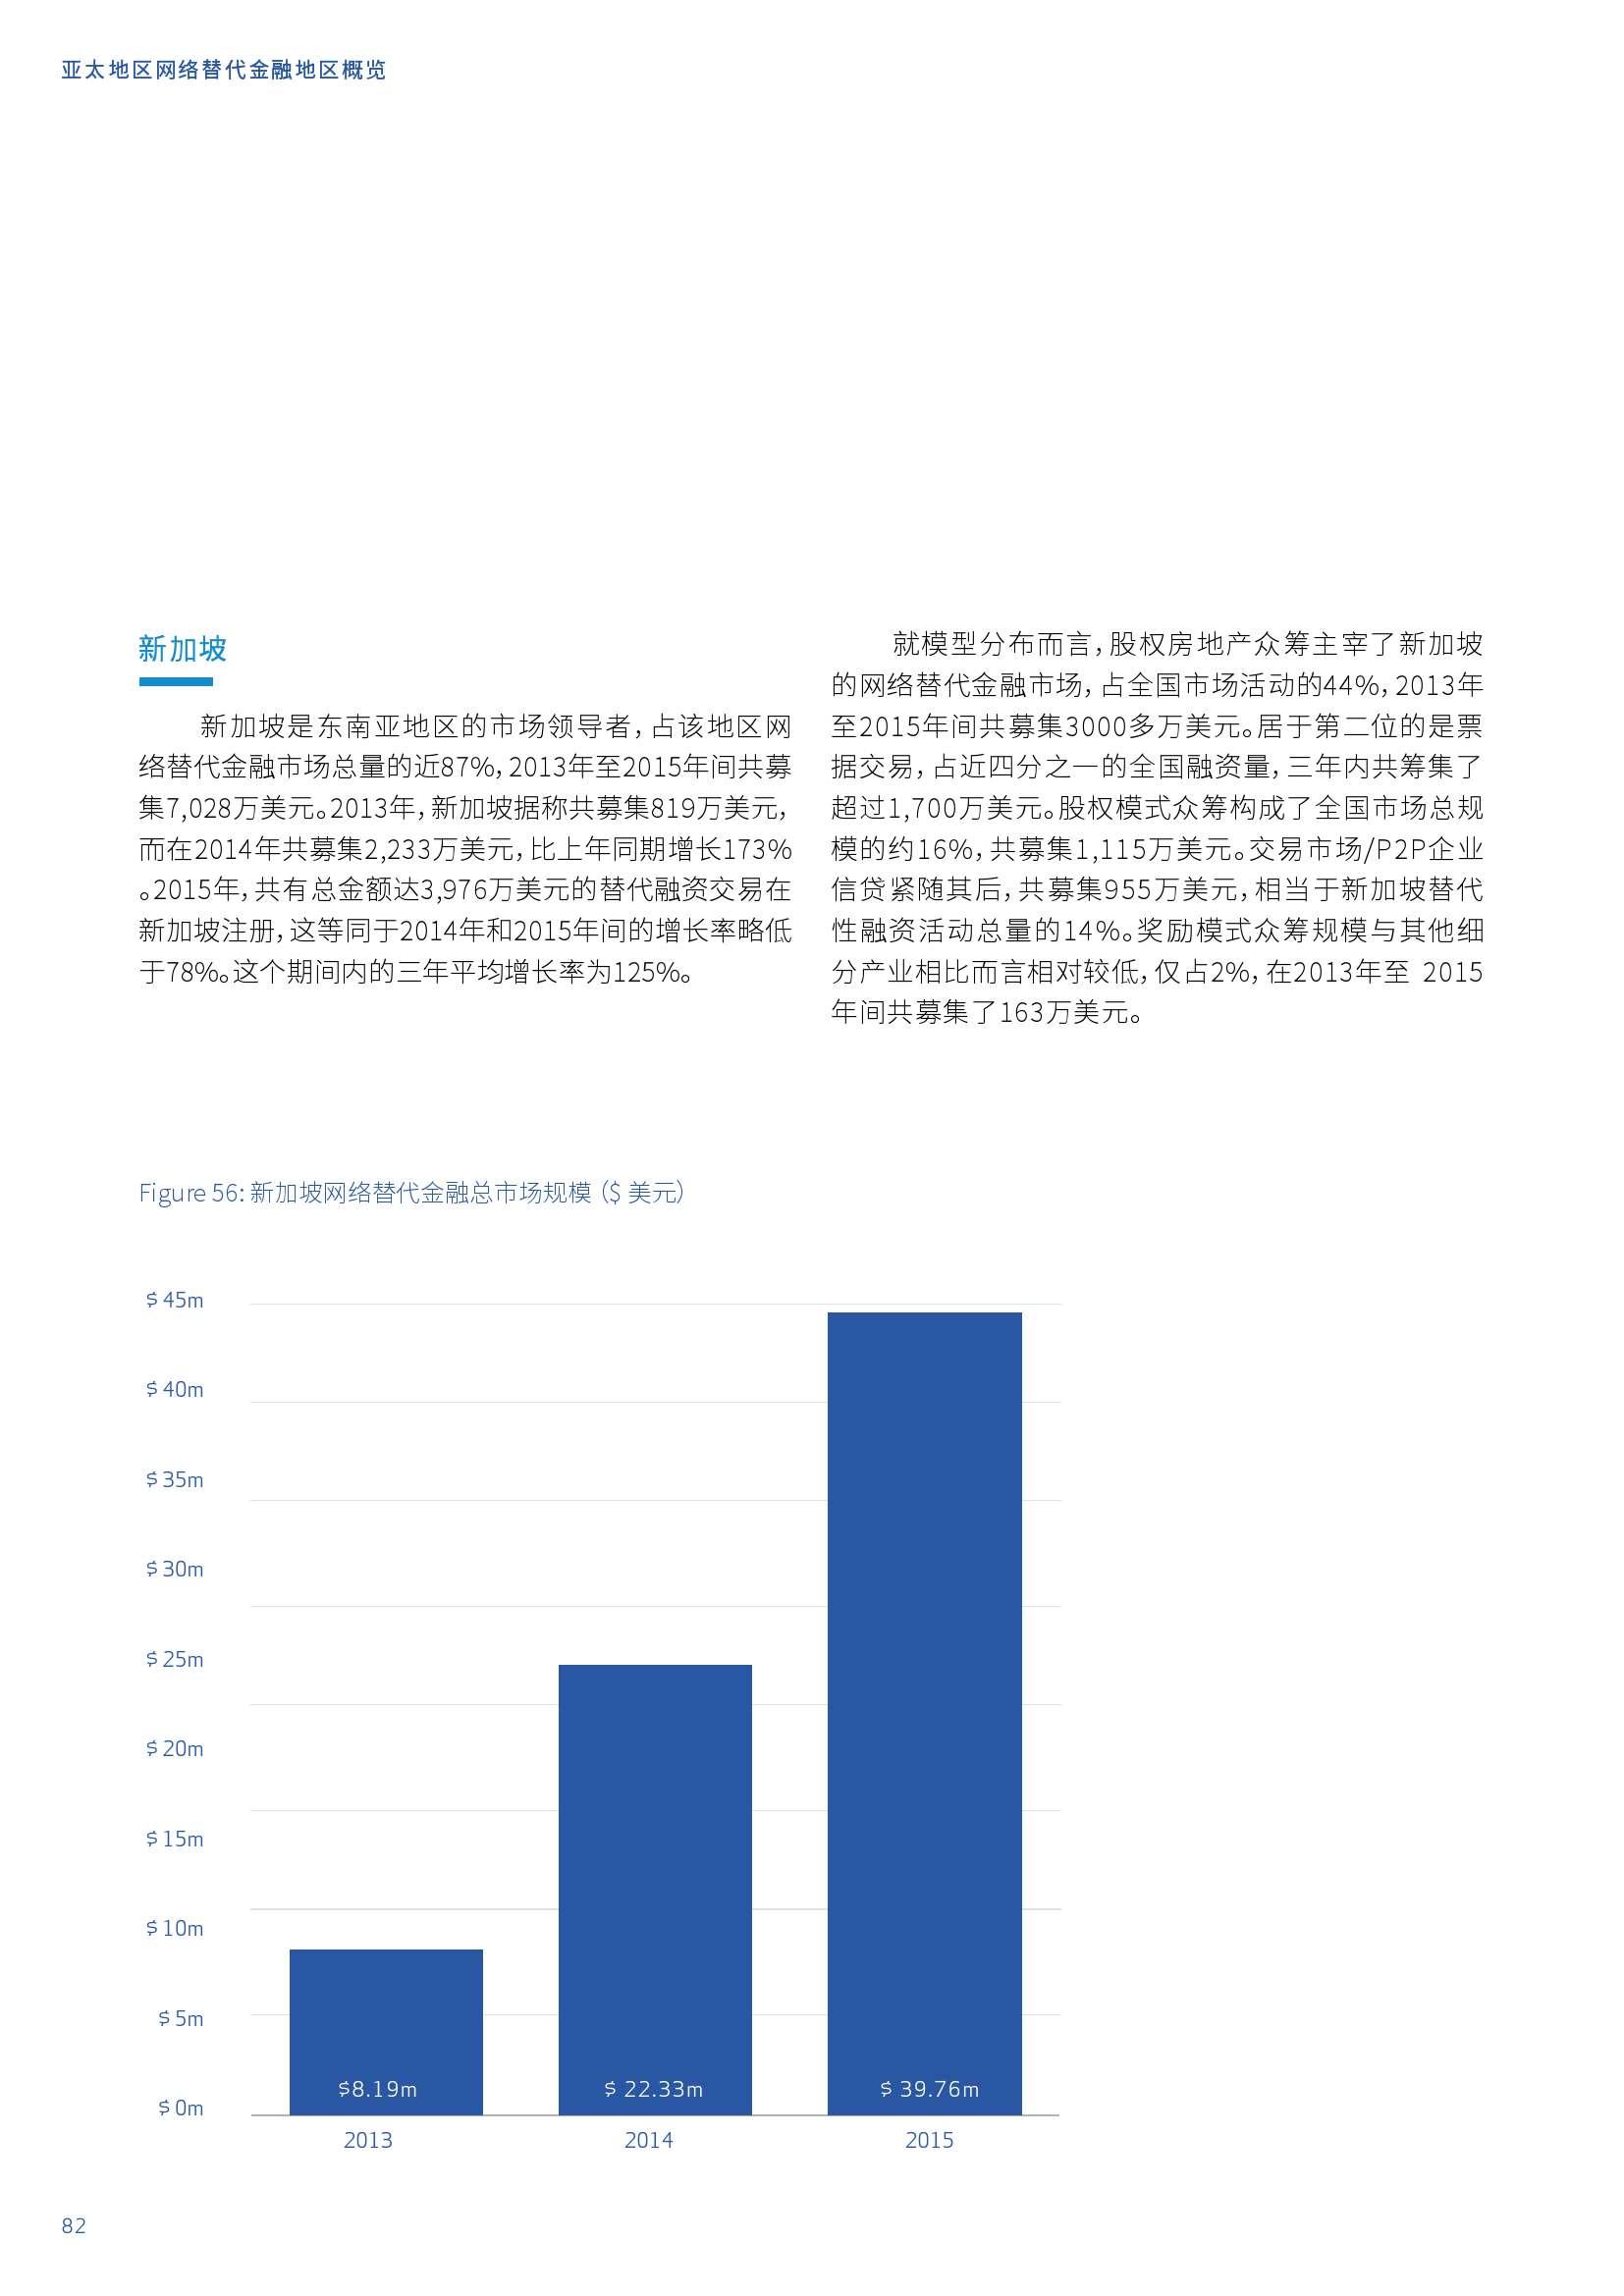 亚太地区网络替代金融基准报告_000082